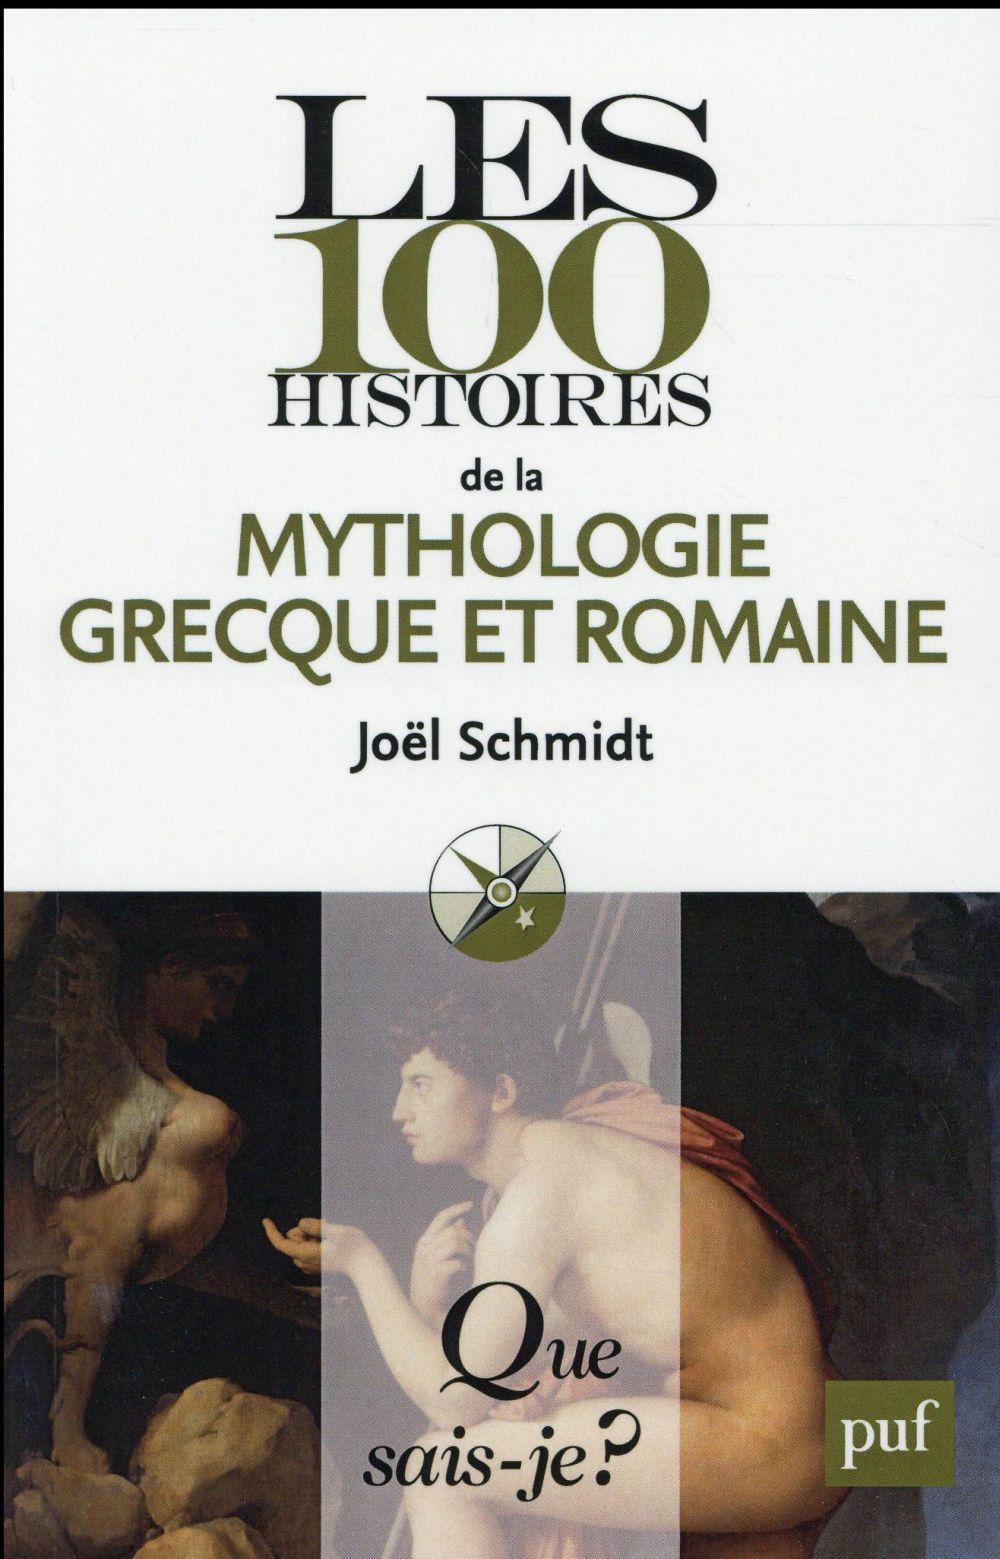 Les 100 histoires de la mythologie grecque et romaine